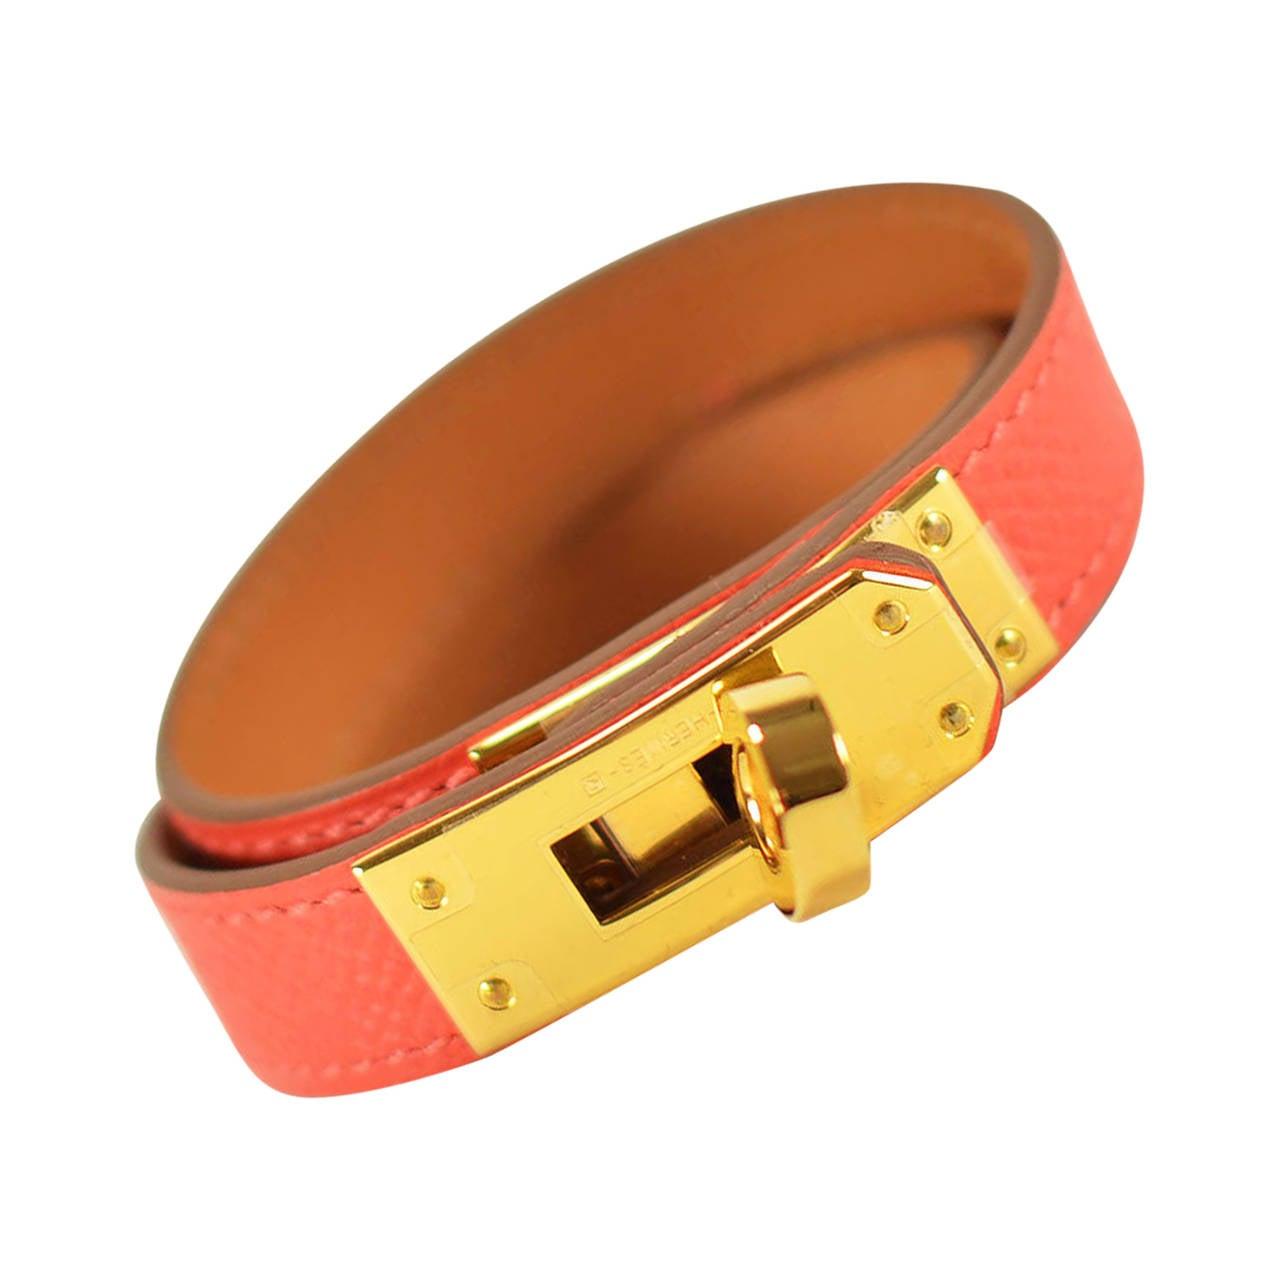 Vintage Herm��s Bracelets - 143 For Sale at 1stdibs - Page 2